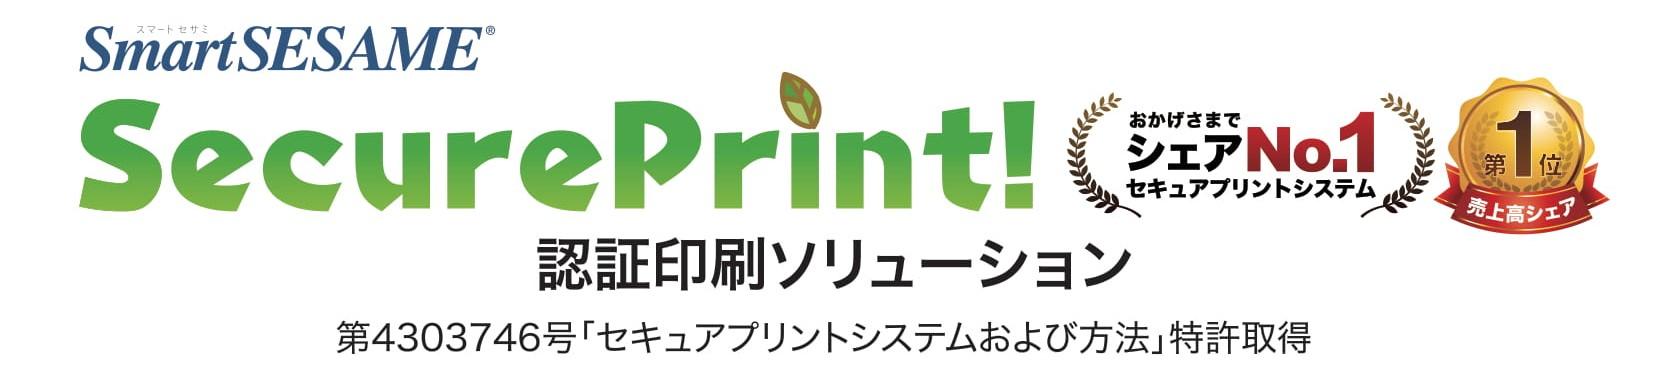 SecurePrint! 認証印刷ソリューション